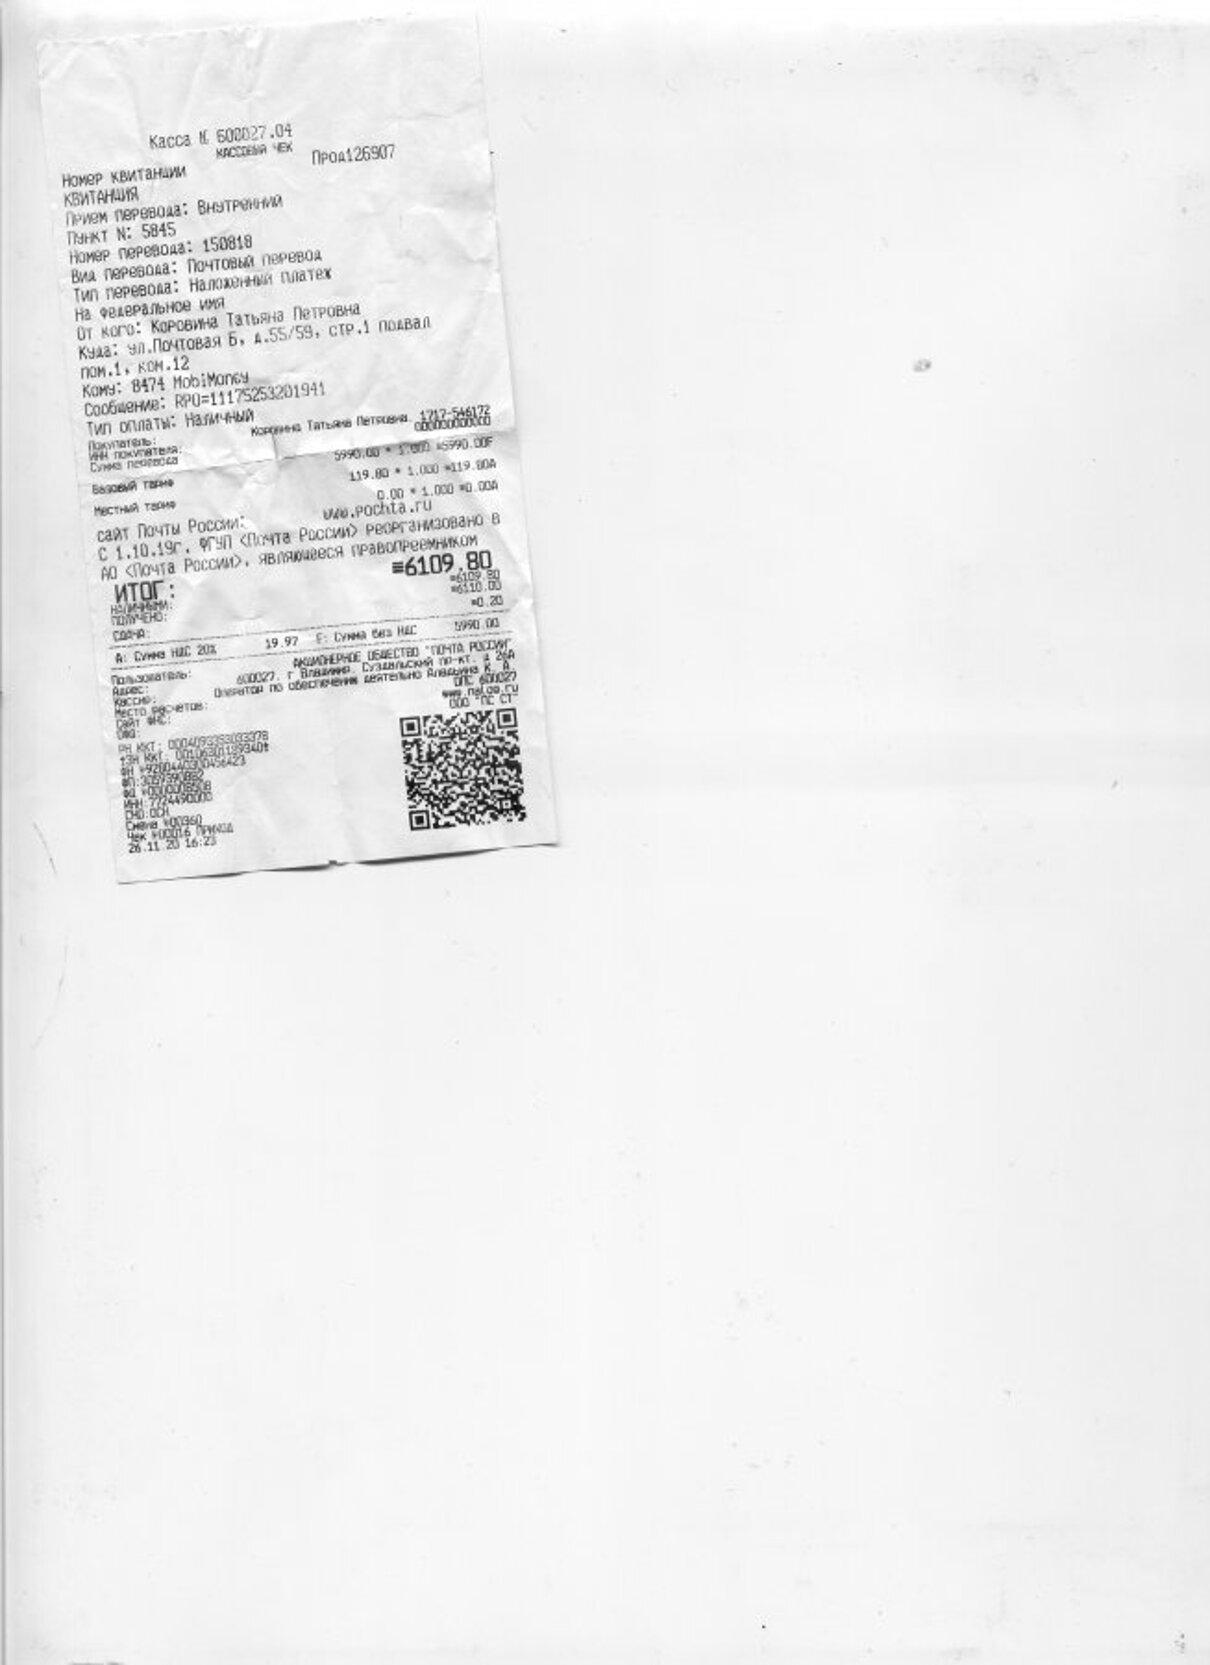 Жалоба-отзыв: 8474 MobiMoney, ПИМ ПОЧТА, ООО ПРО ПОСЫЛКИ, ООО СПЕЦТРЕЙД, ООО Одежда - ПРЕТЕНЗИЯ.  Фото №2